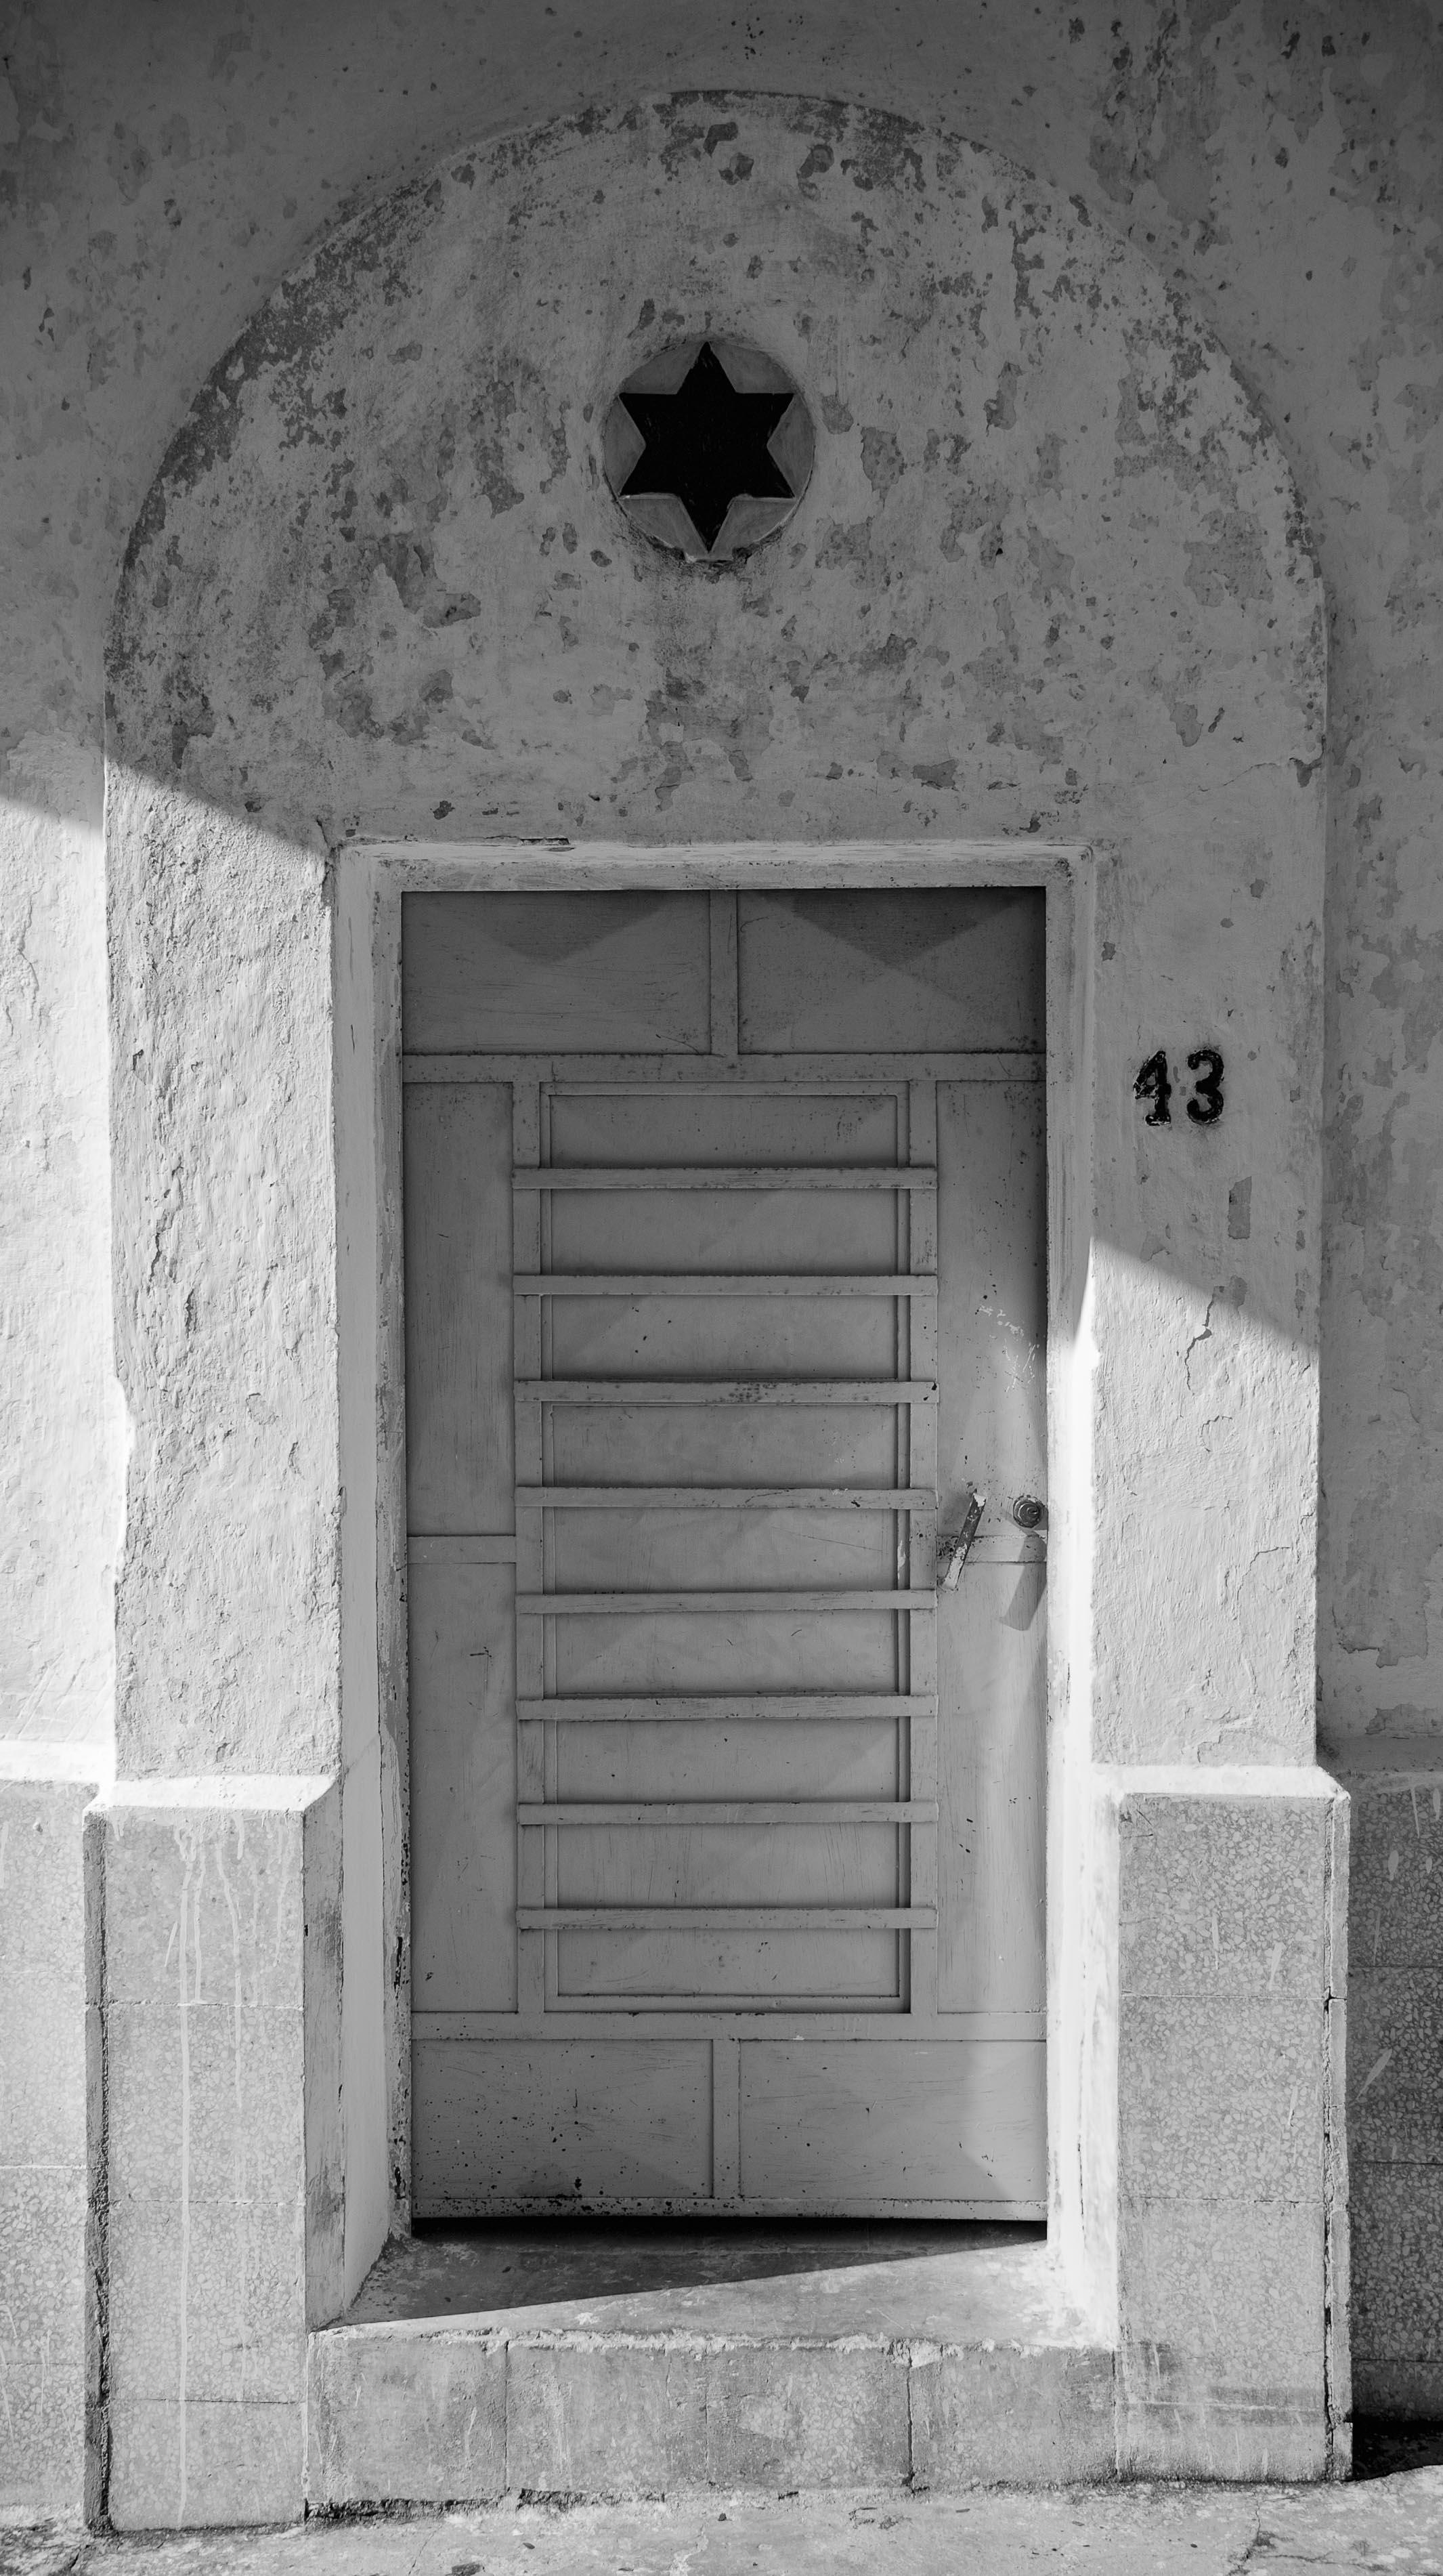 002-181311-0313-WhiteDoor.jpg